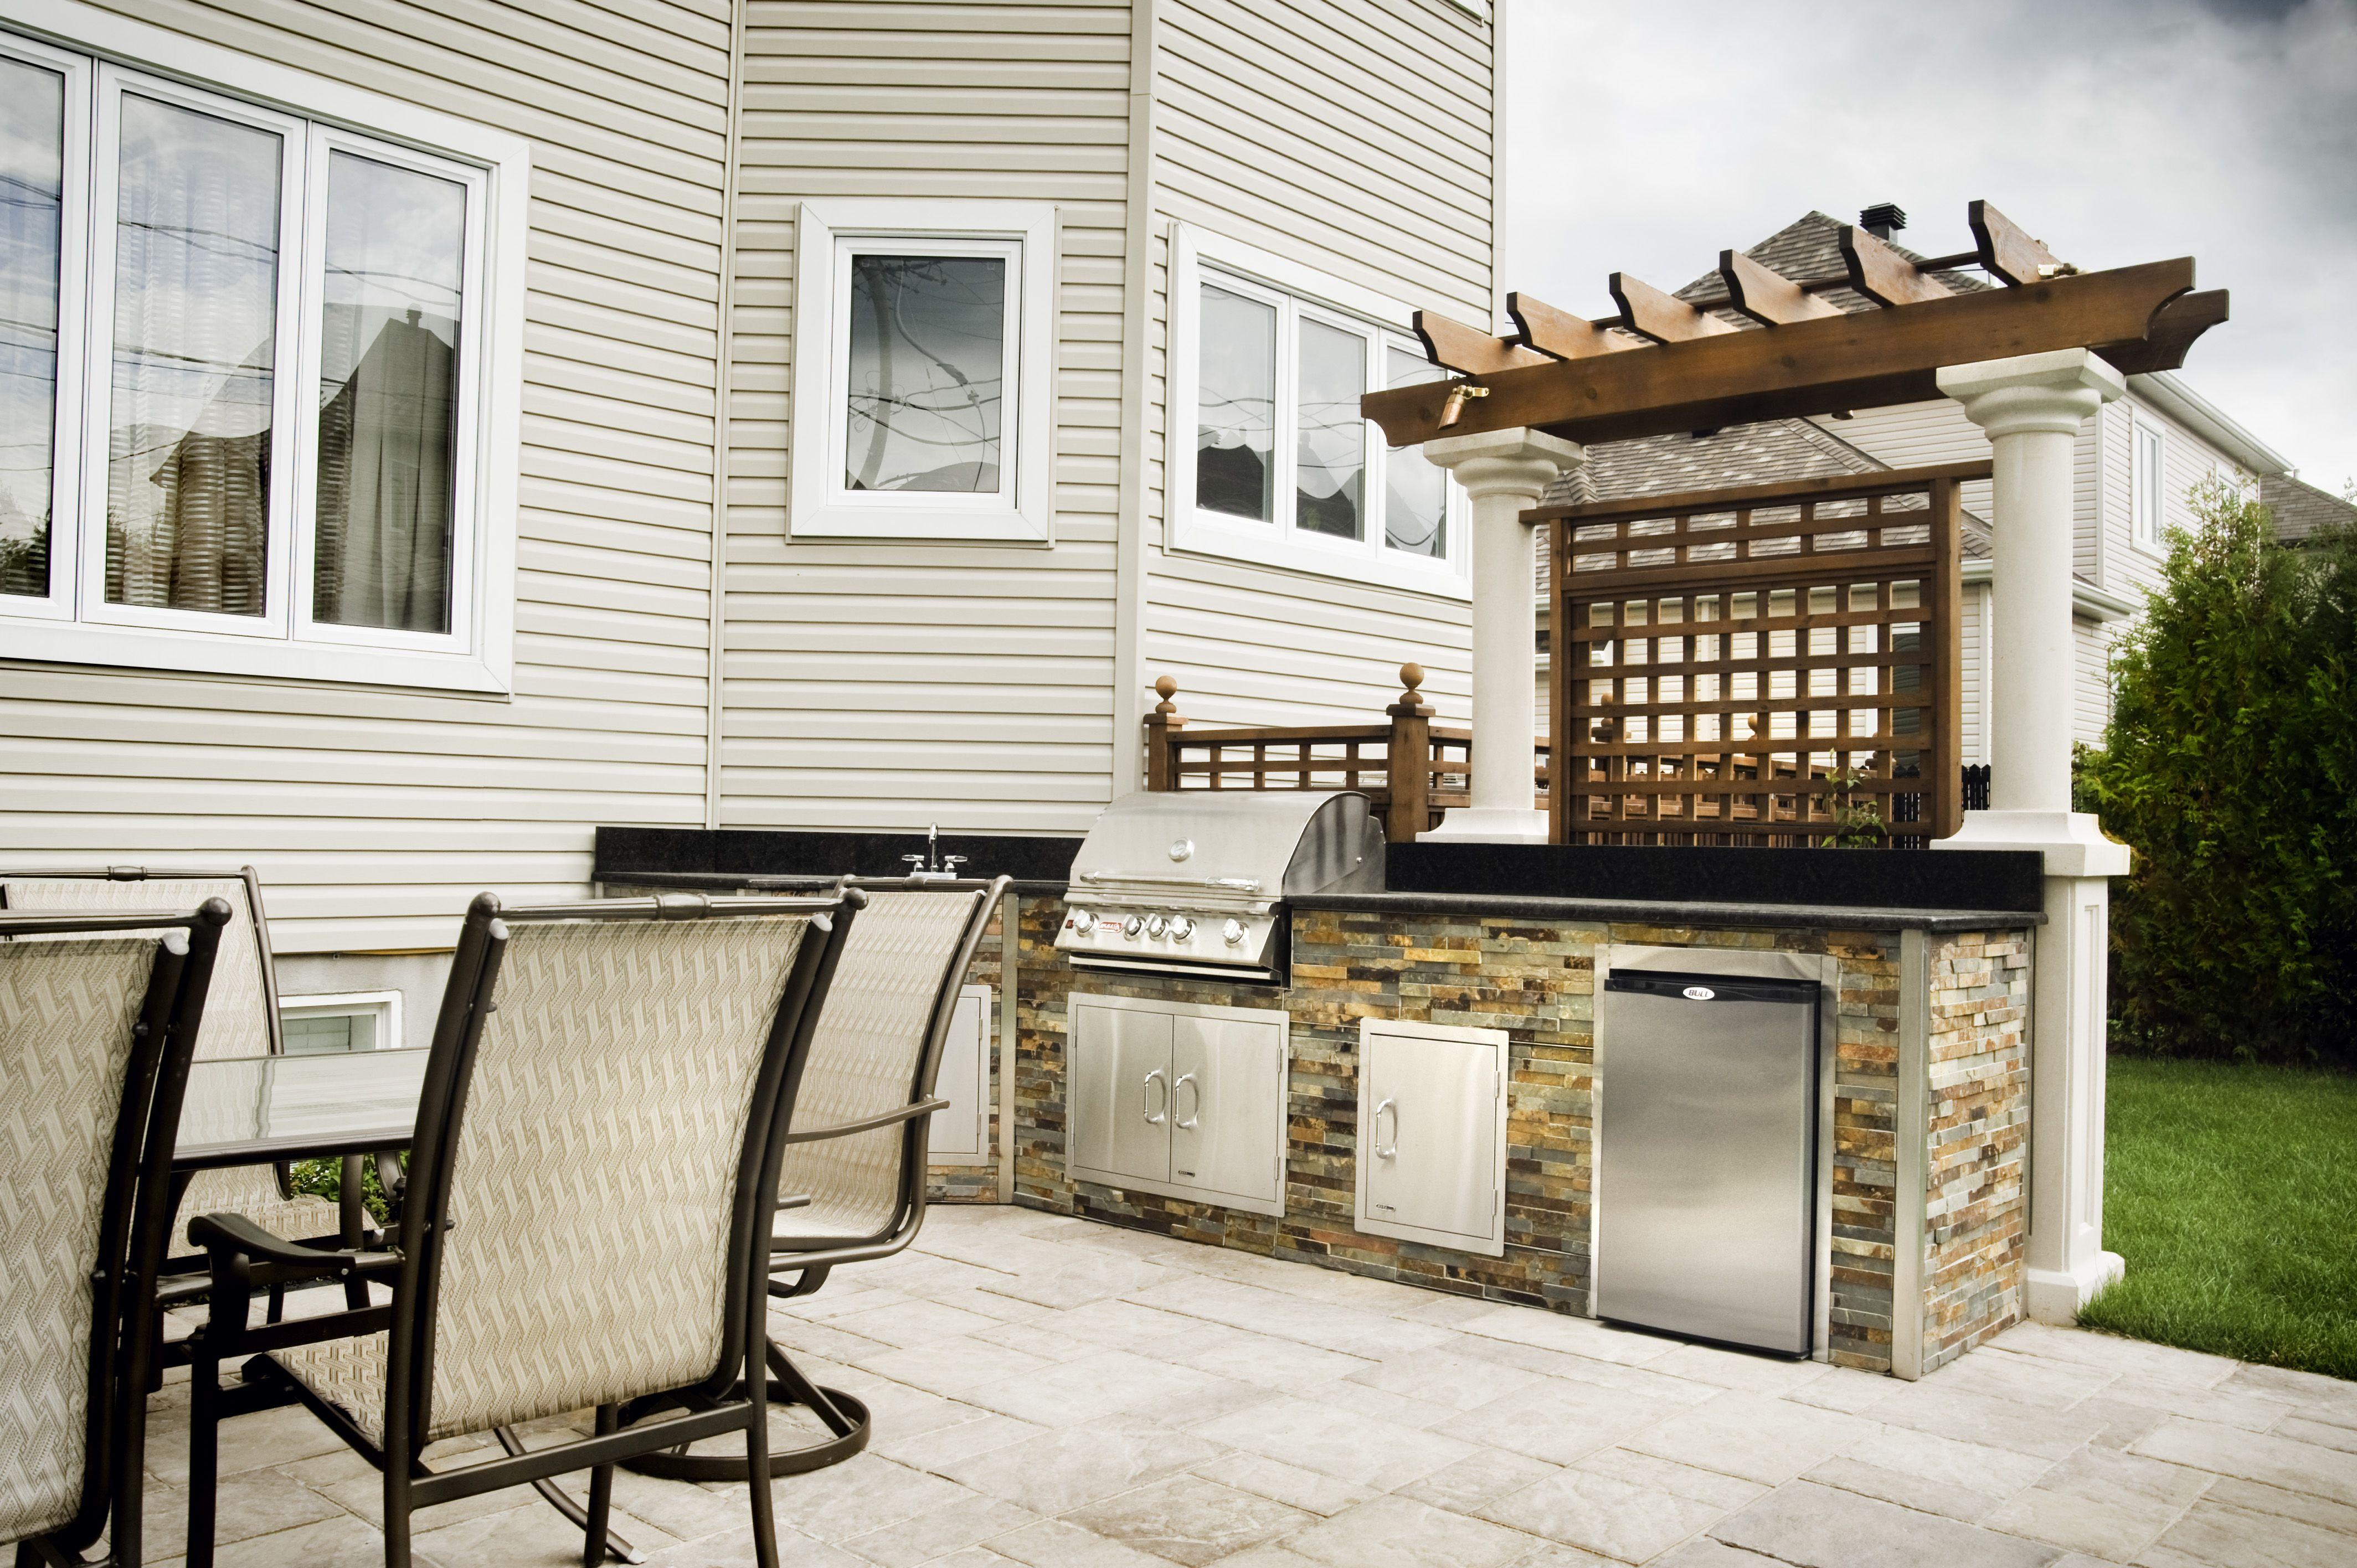 Cuisine Exterieure En Pierre cuisine extérieure en pierre. bbq et accessoires en acier